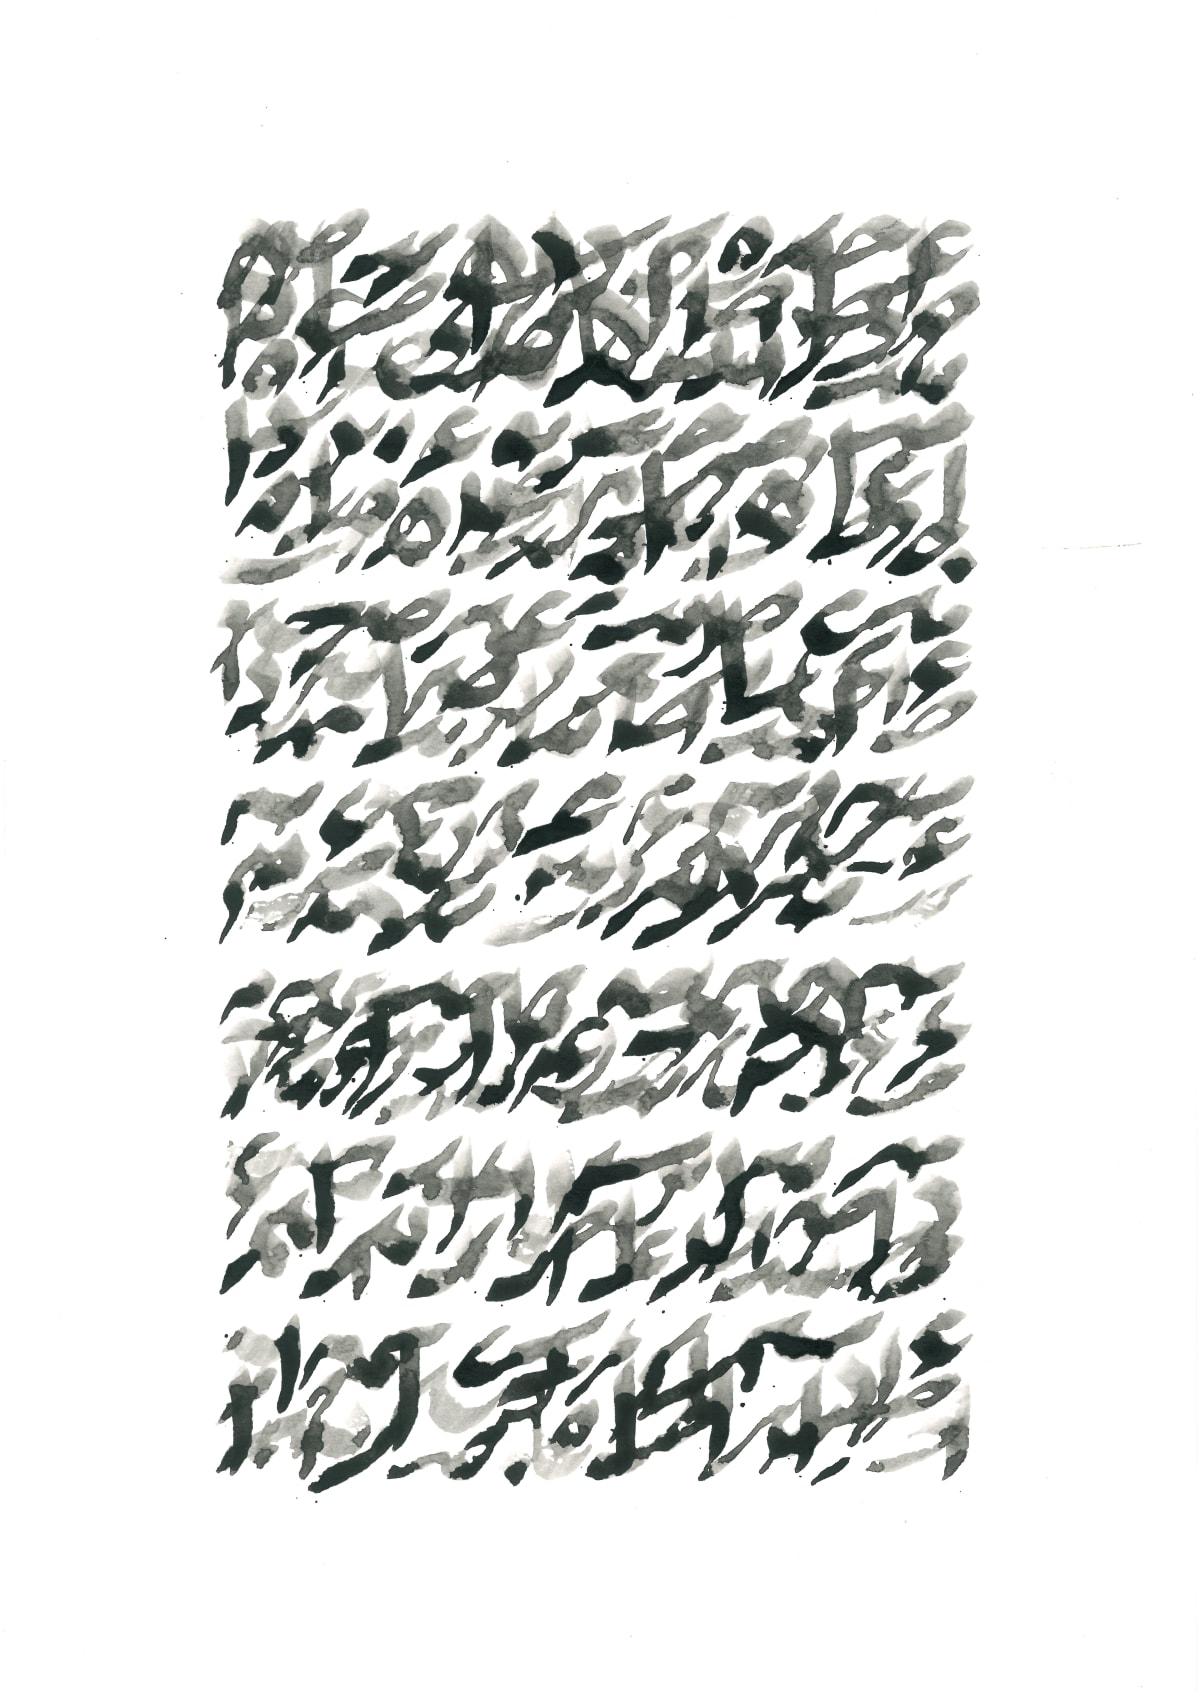 Mohammad Ali Talpur Untitled (Alif Series, 1), 2020 Ink on paper 42 x 29 cm 16 1/2 x 11 7/16 in